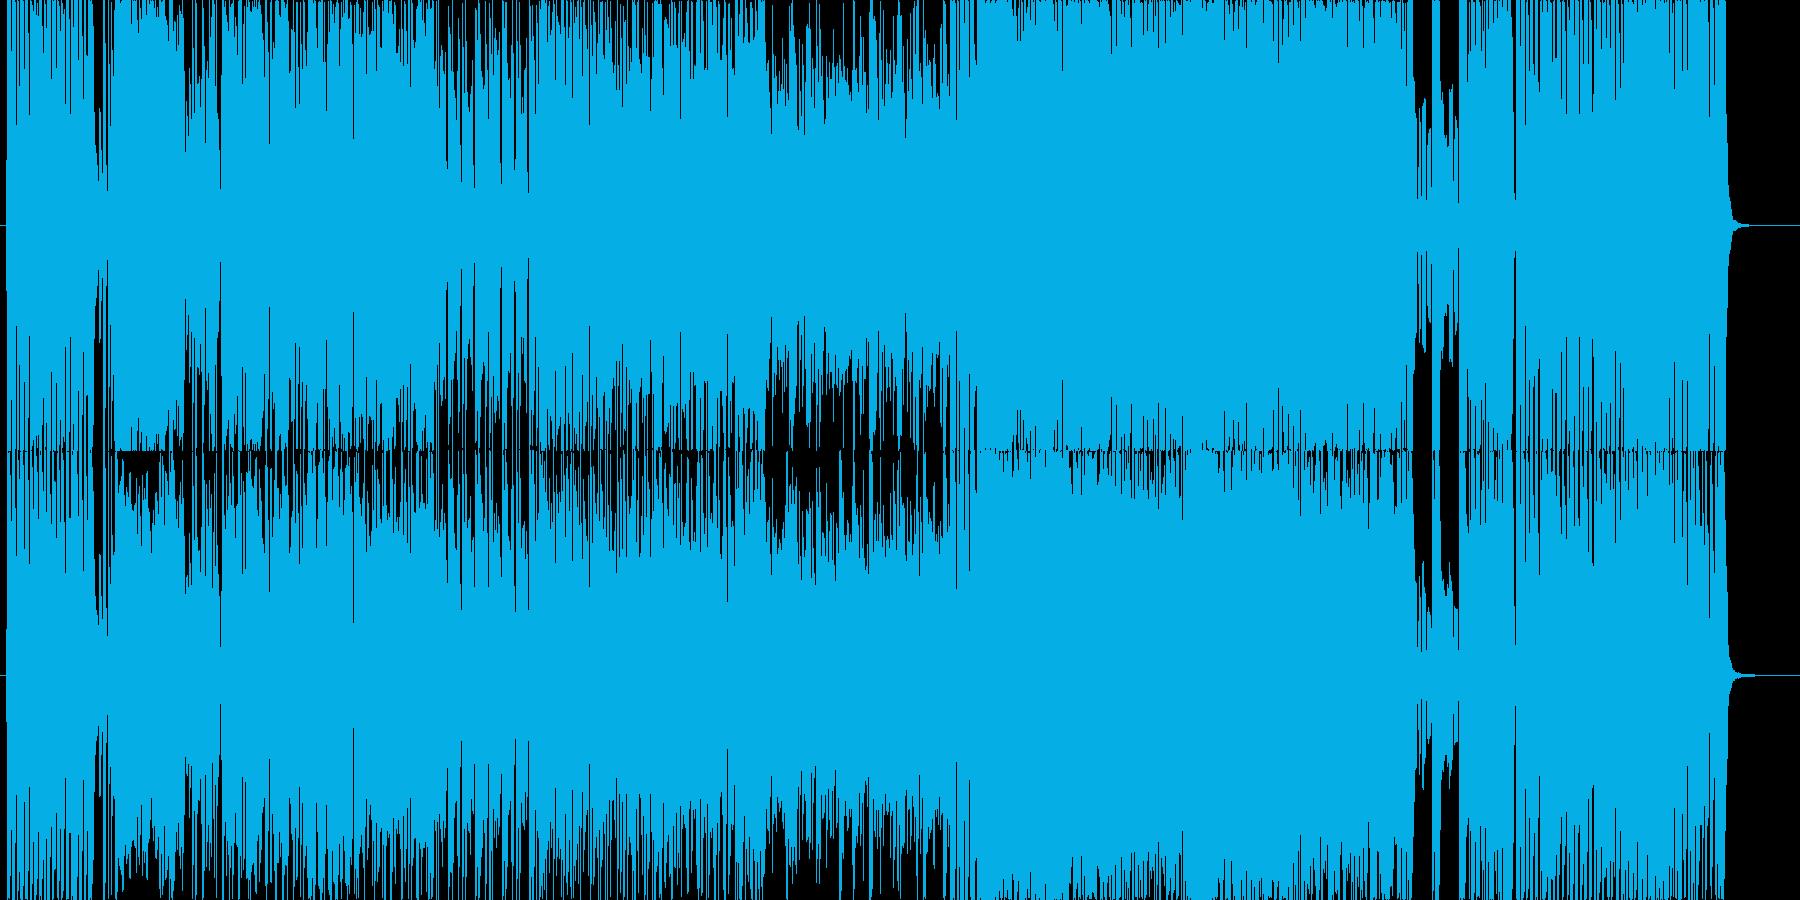 ブラスメインのおしゃれで疾走感のある曲の再生済みの波形